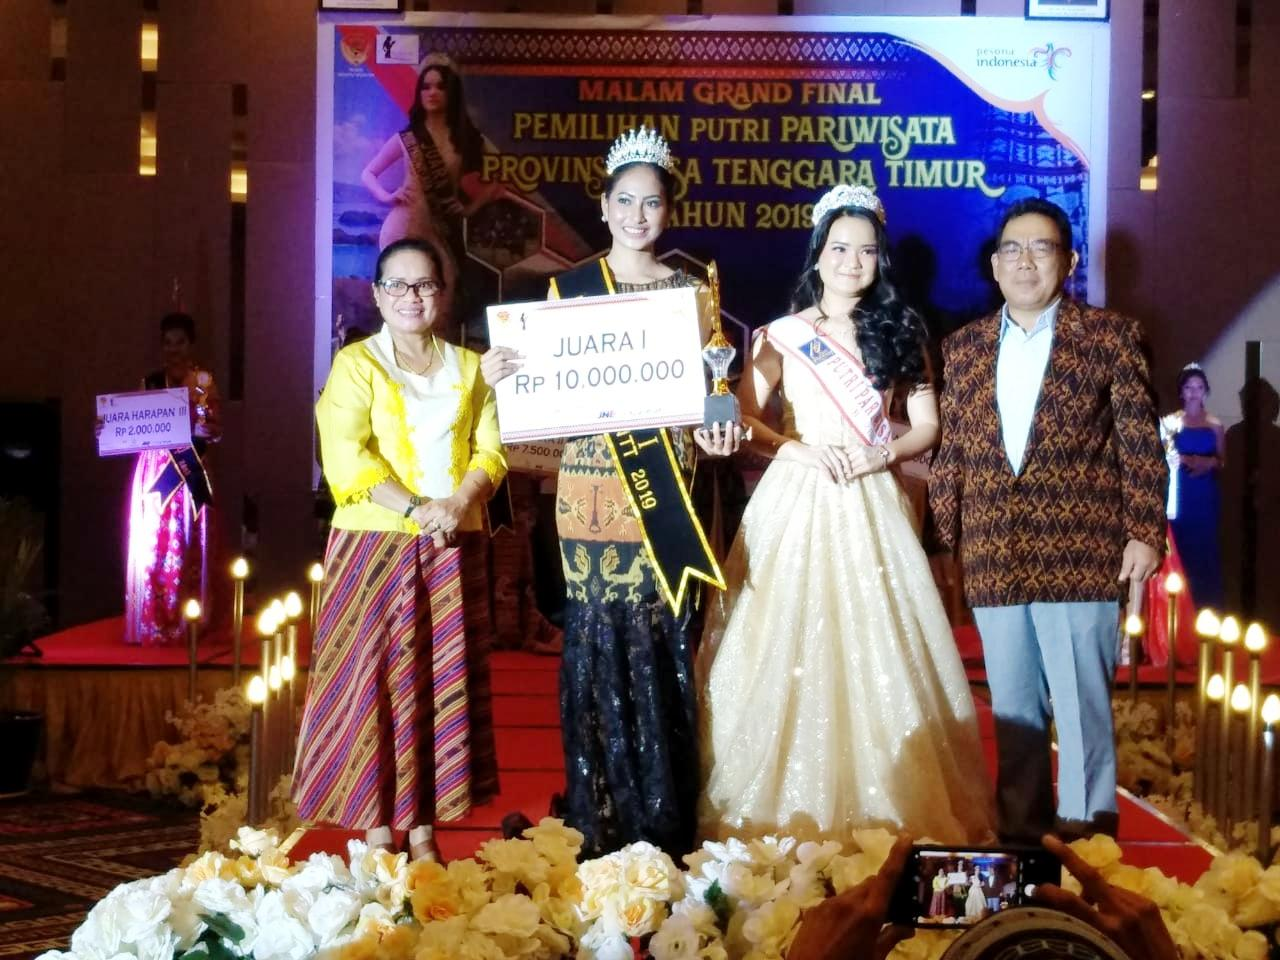 Kaum Perempuan Harus Aktif Promosi Pariwisata